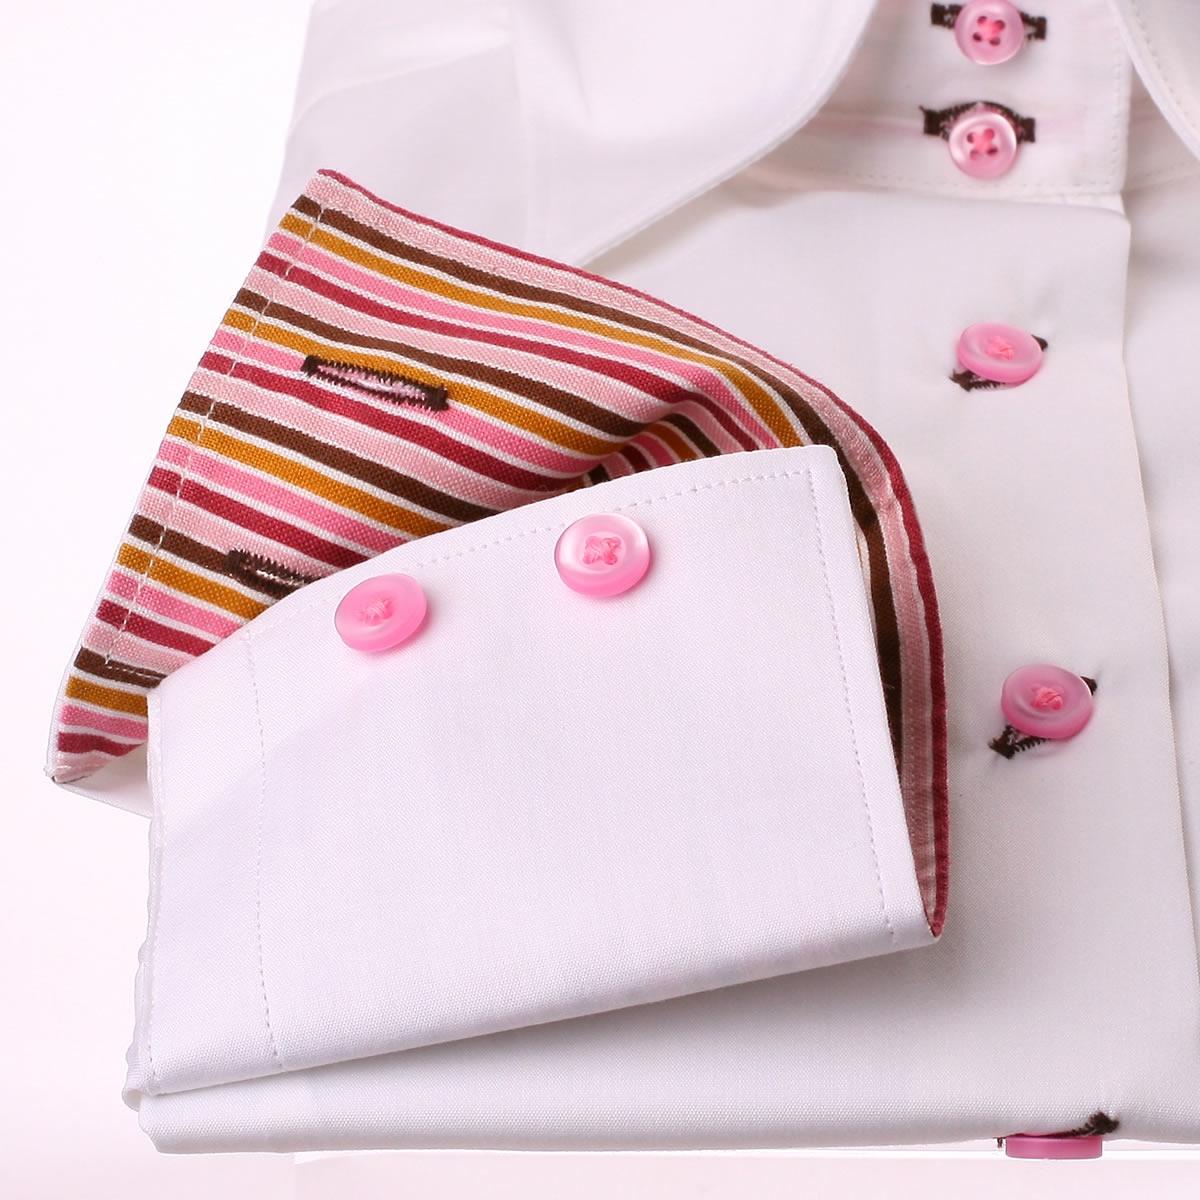 wei e bluse mit rosa und braunen streifen kragen und manschetten. Black Bedroom Furniture Sets. Home Design Ideas